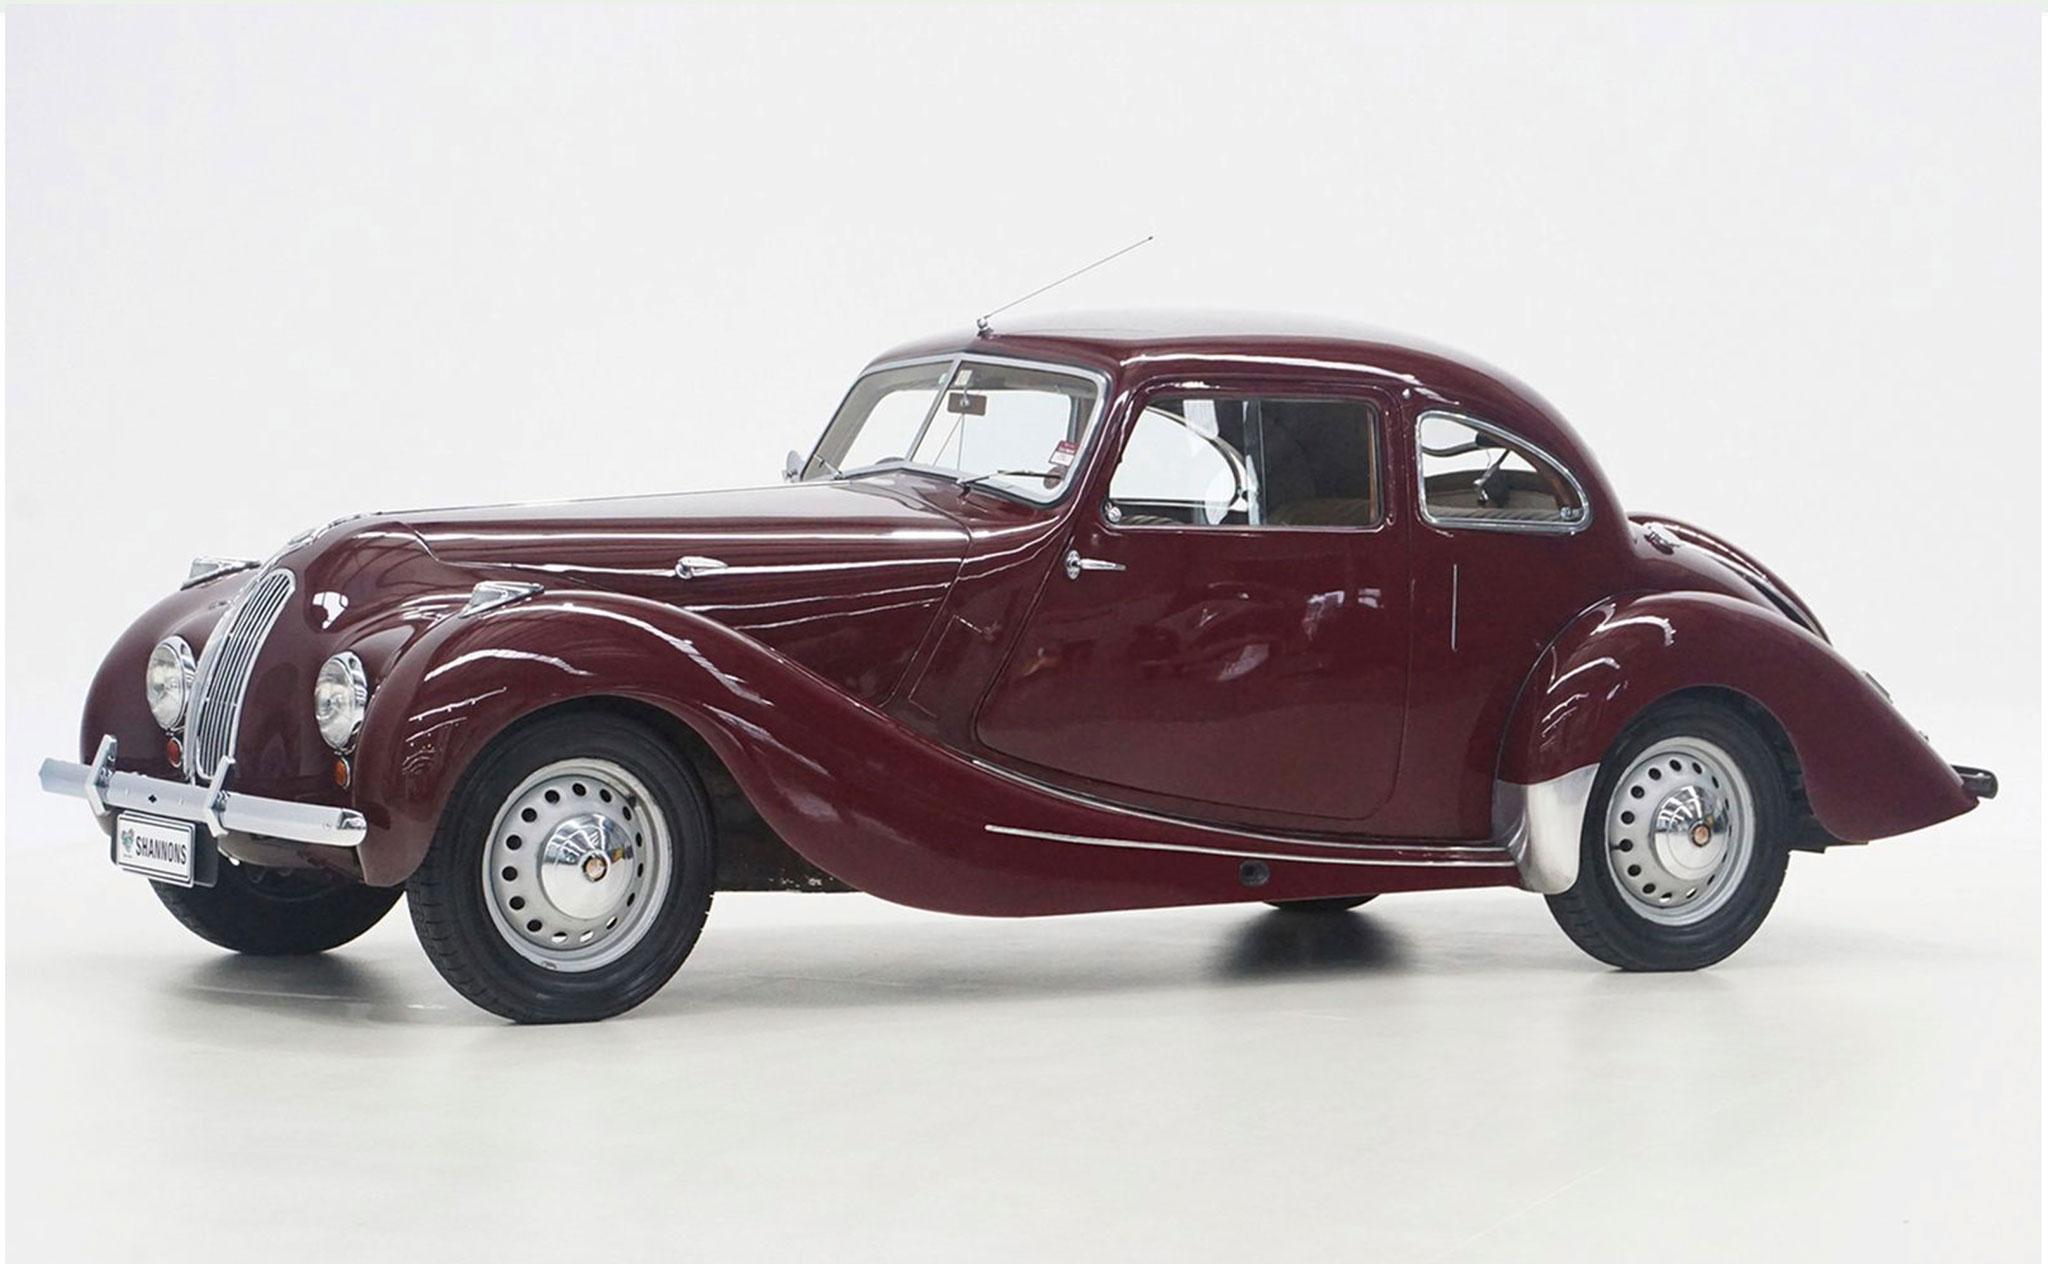 1950 Bristol 400 Saloon - Les Anglaises à l'honneur.